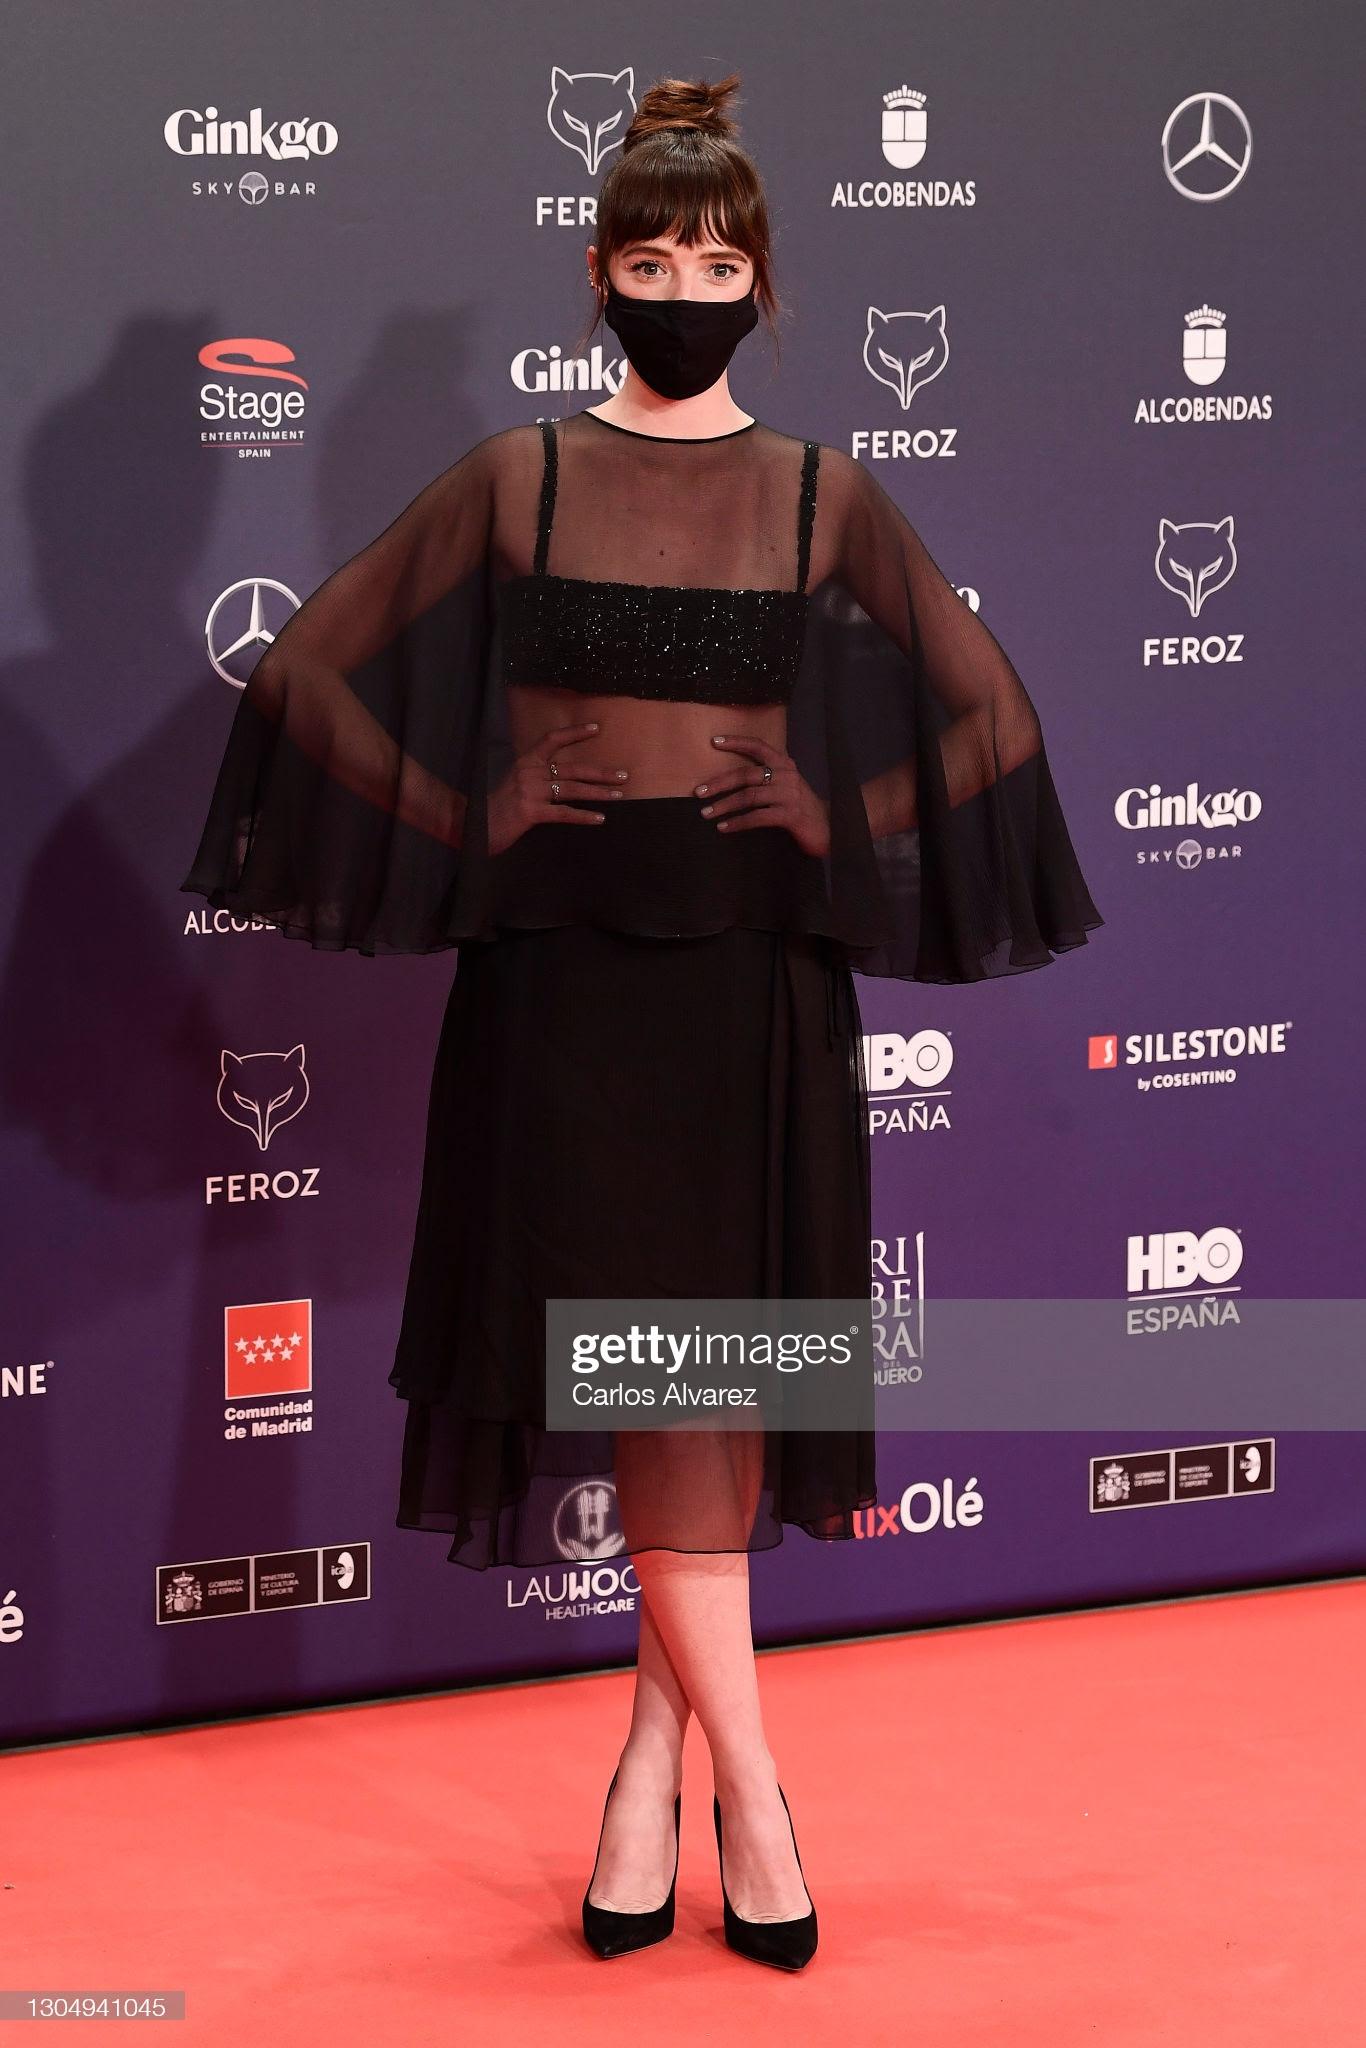 3ec34b20 53b0 4790 ae7f 8cf5ee9faeb3 - Todas las celebrities que escogieron Jimmy Choo en los Premios Feroz 2021